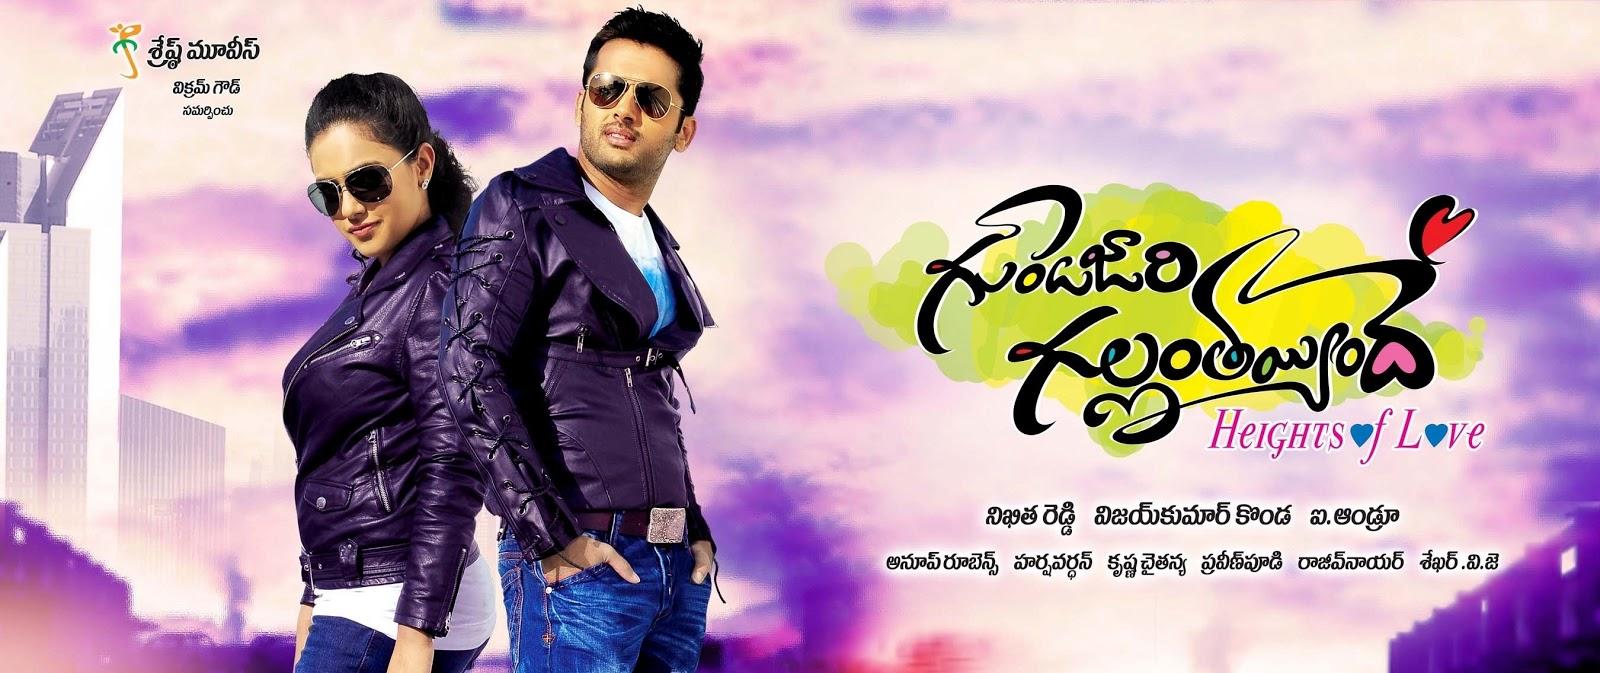 I Smart Shankar Mp3 Songs Download